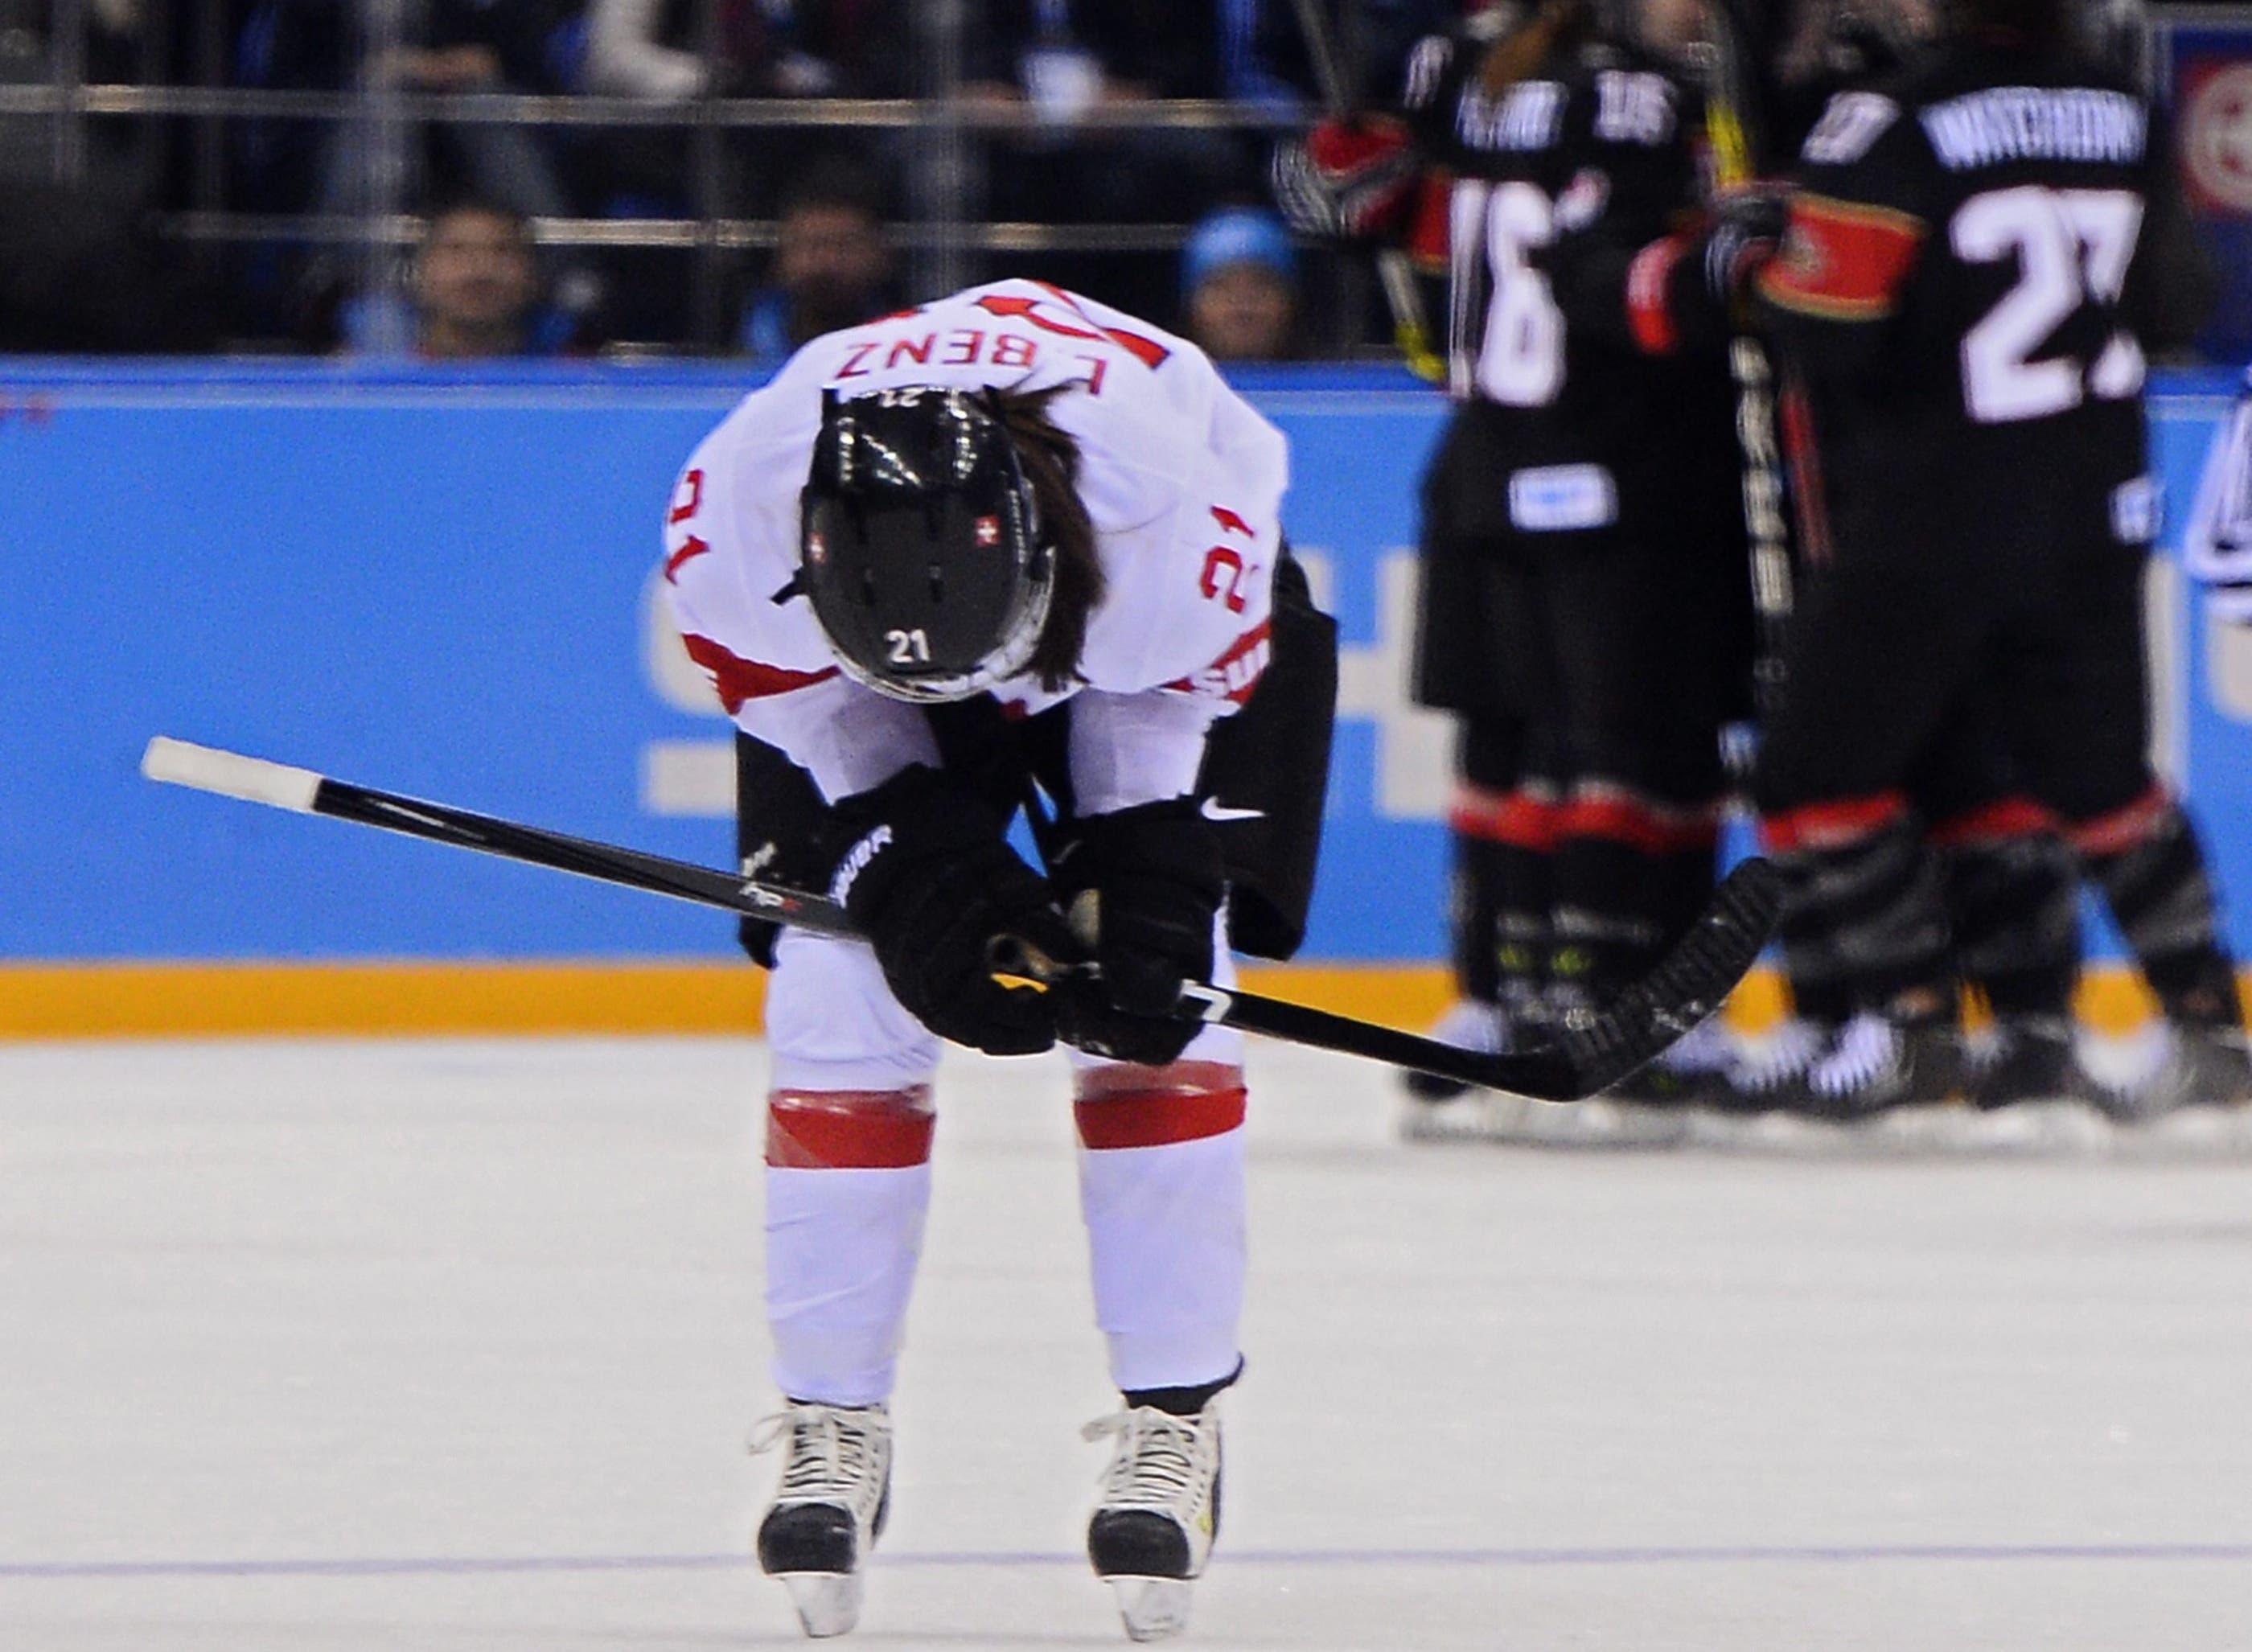 Die Schweizer Eishockeyanerinnen verlieren in Sotschi gegen Kanada klar mit 0:5